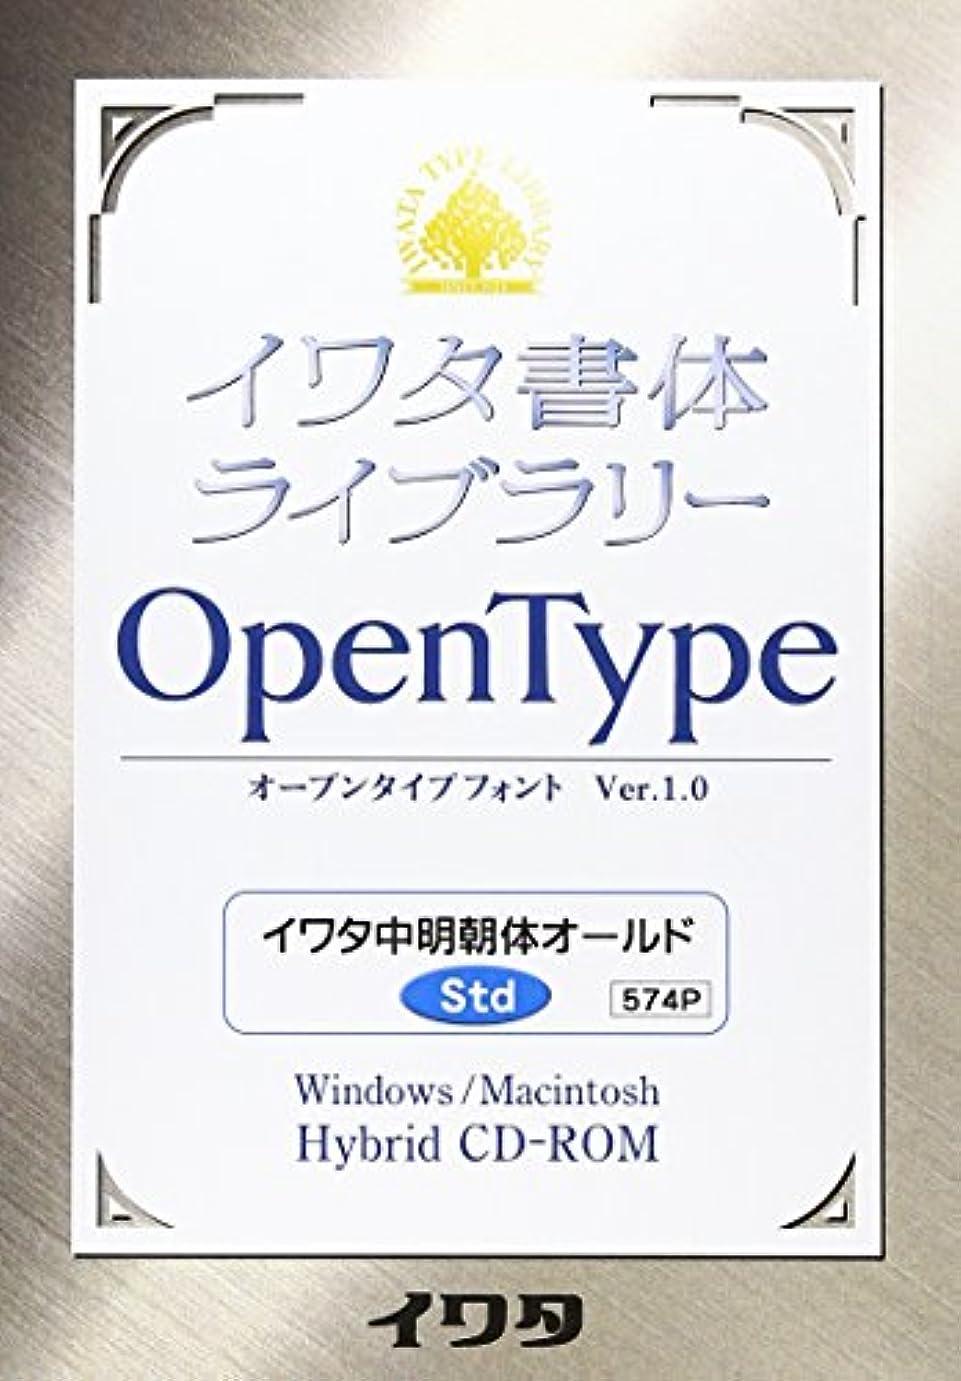 イワタ書体ライブラリーOpenType(Std版) イワタ中明朝体オールド